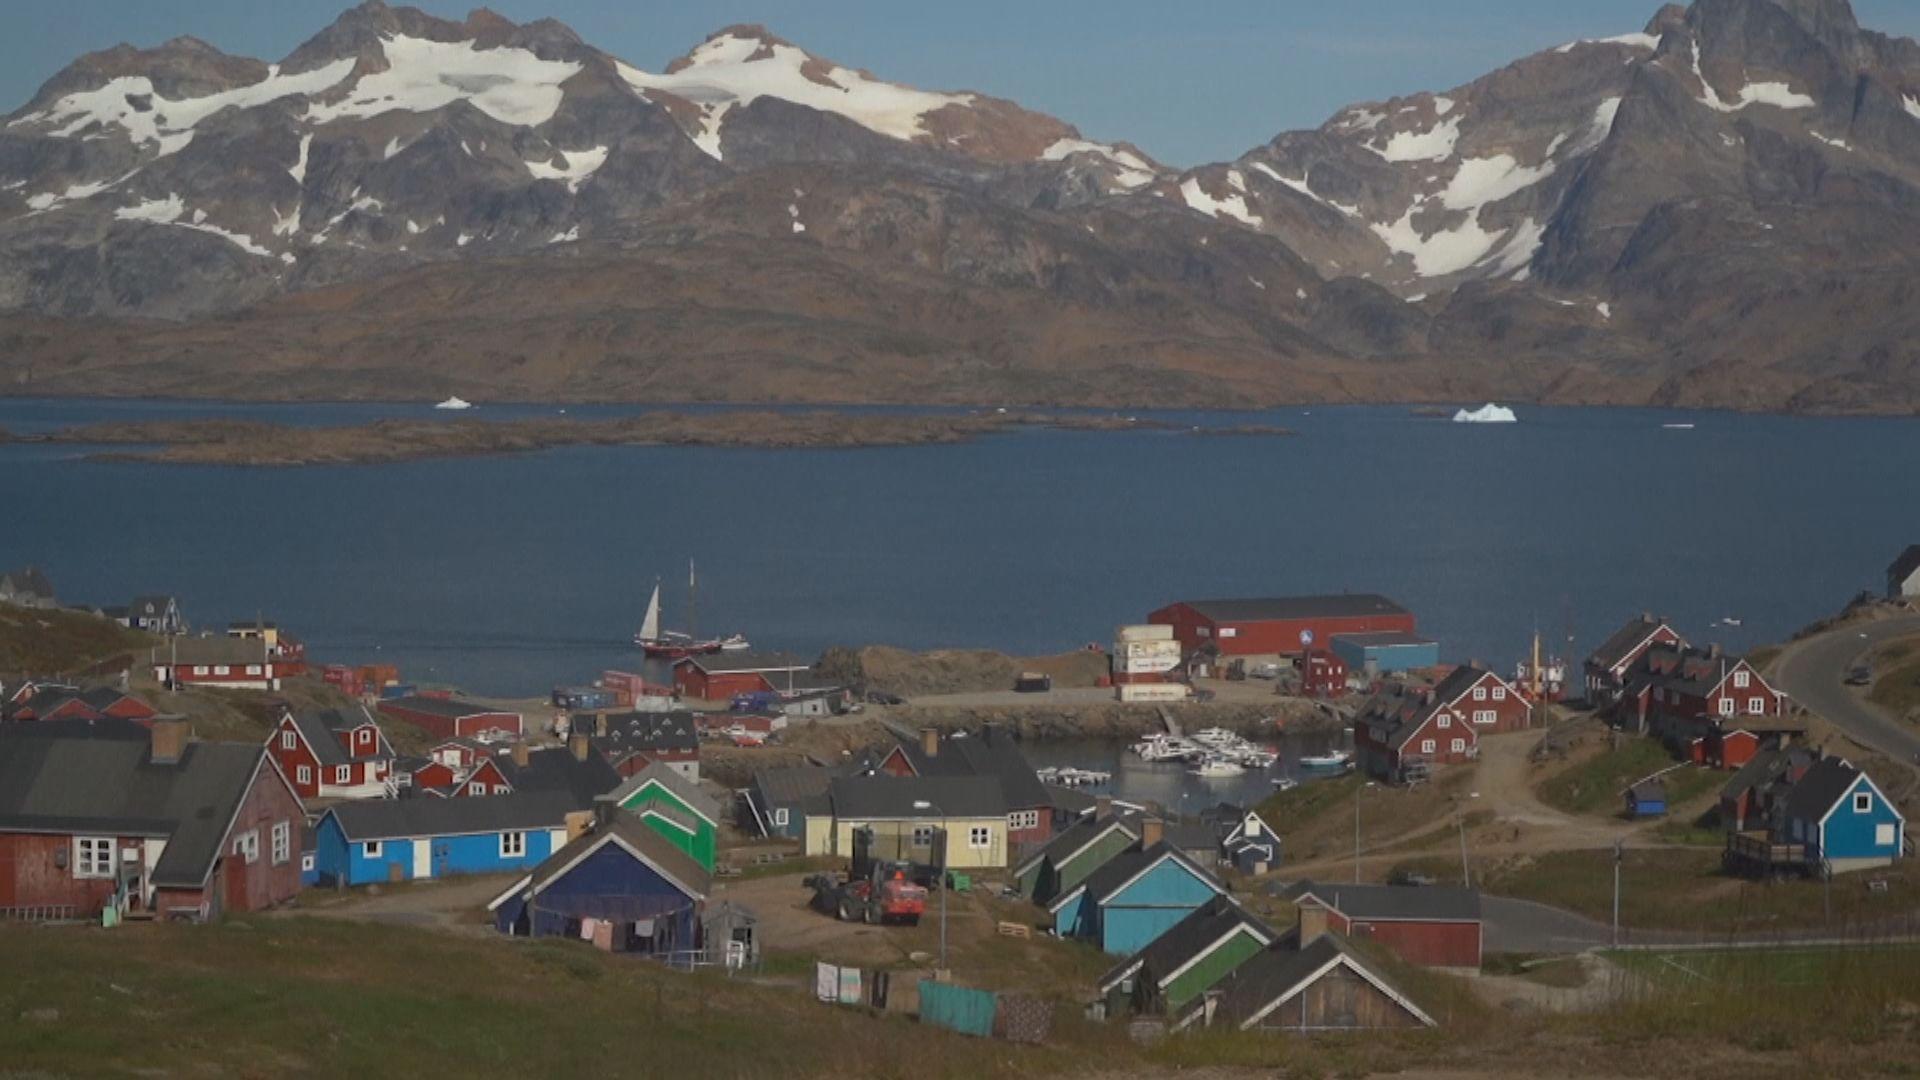 特朗普有意購買格陵蘭 丹麥指荒謬